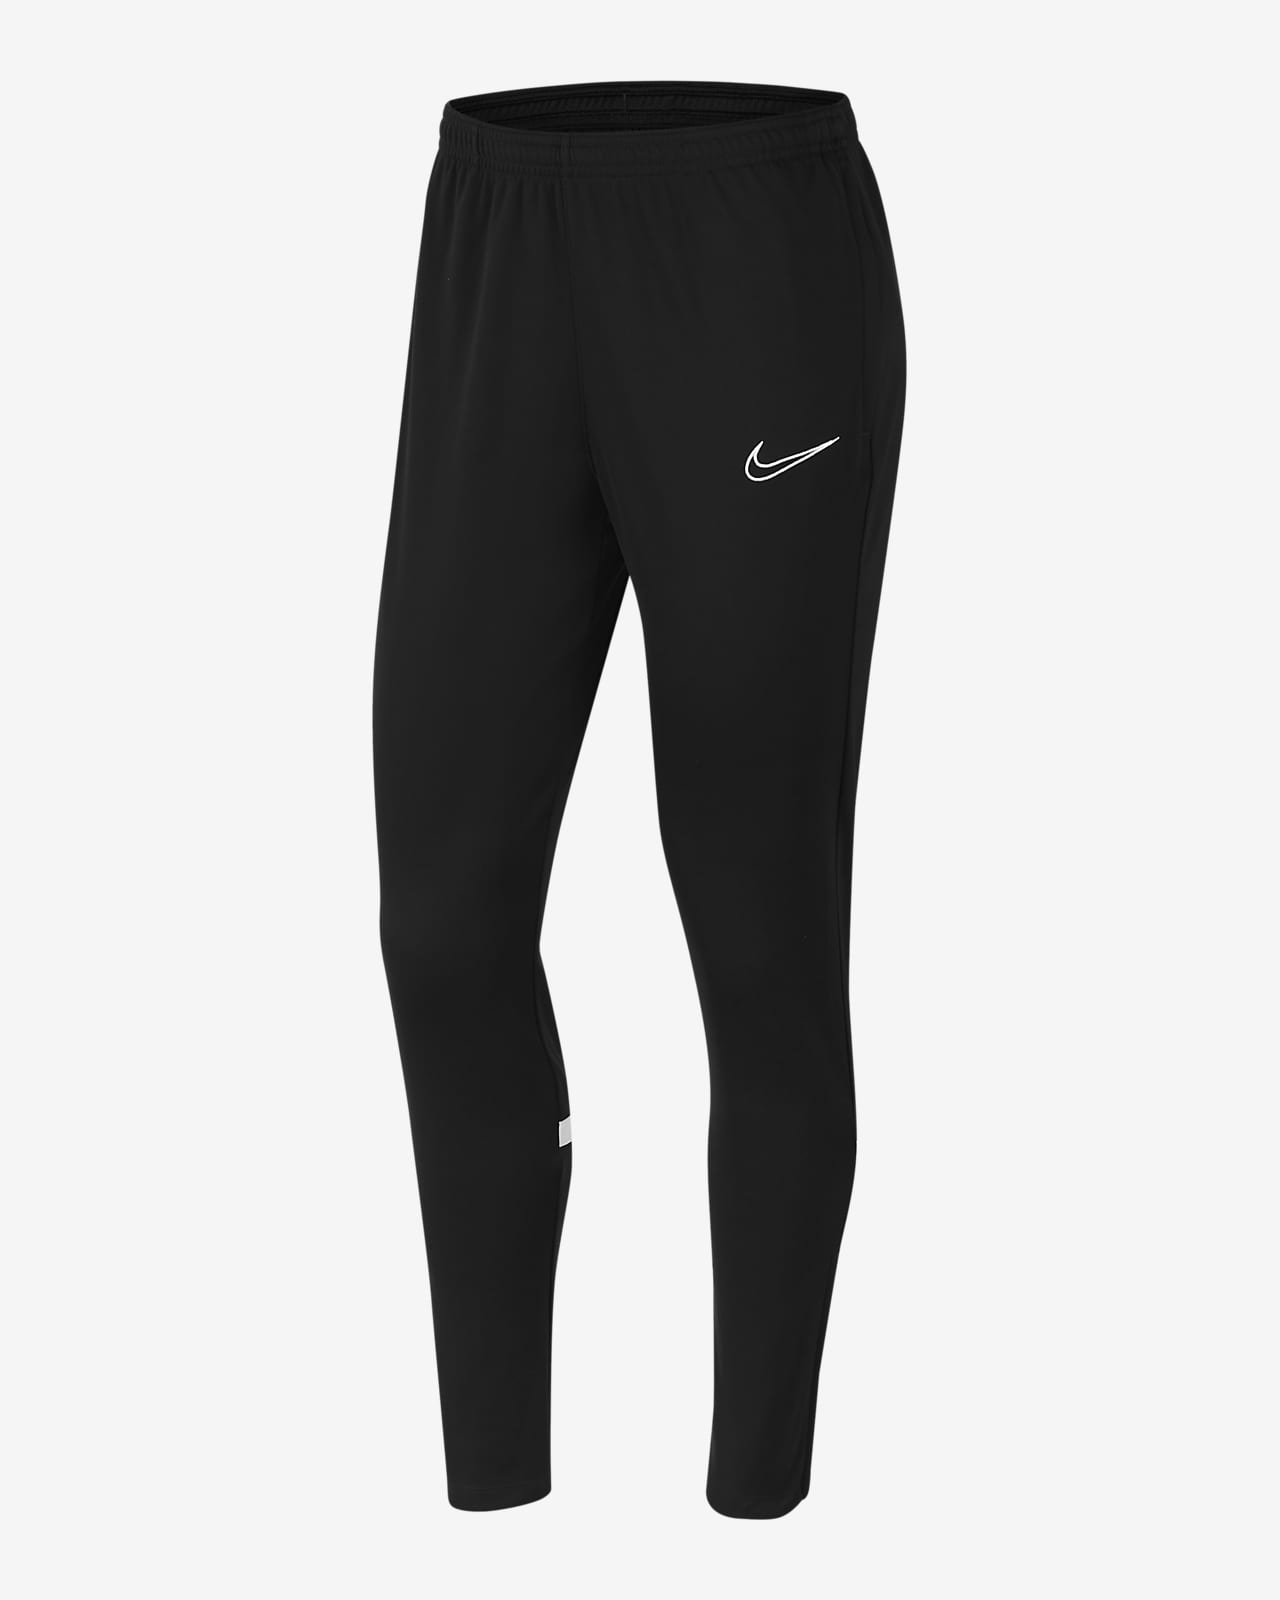 Damskie spodnie piłkarskie Nike Dri-FIT Academy